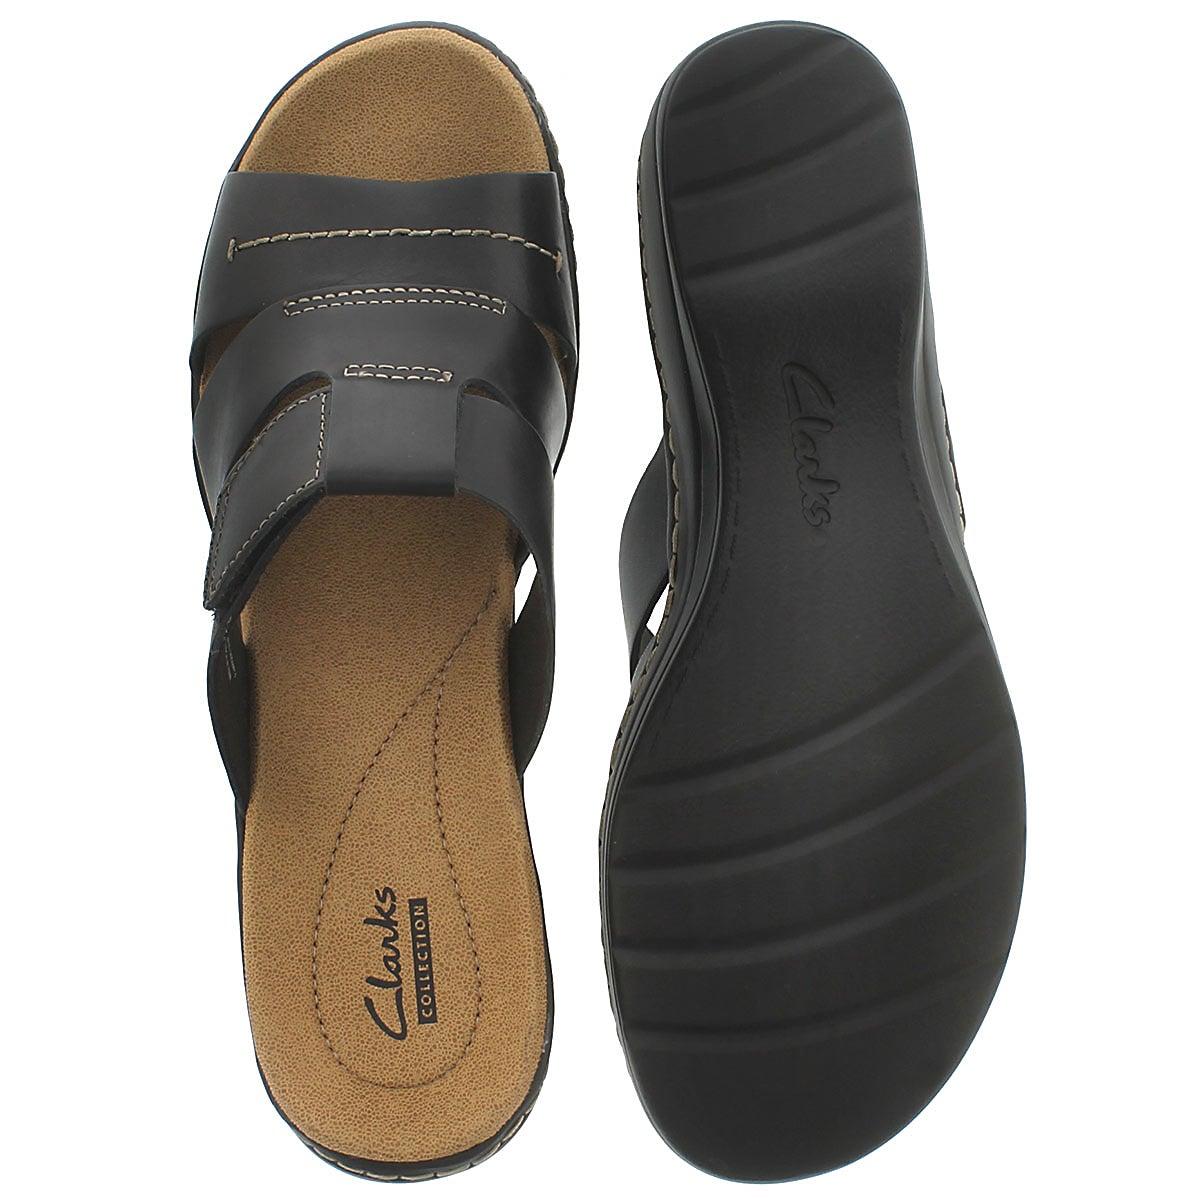 Lds Glacier black casual slide sandal